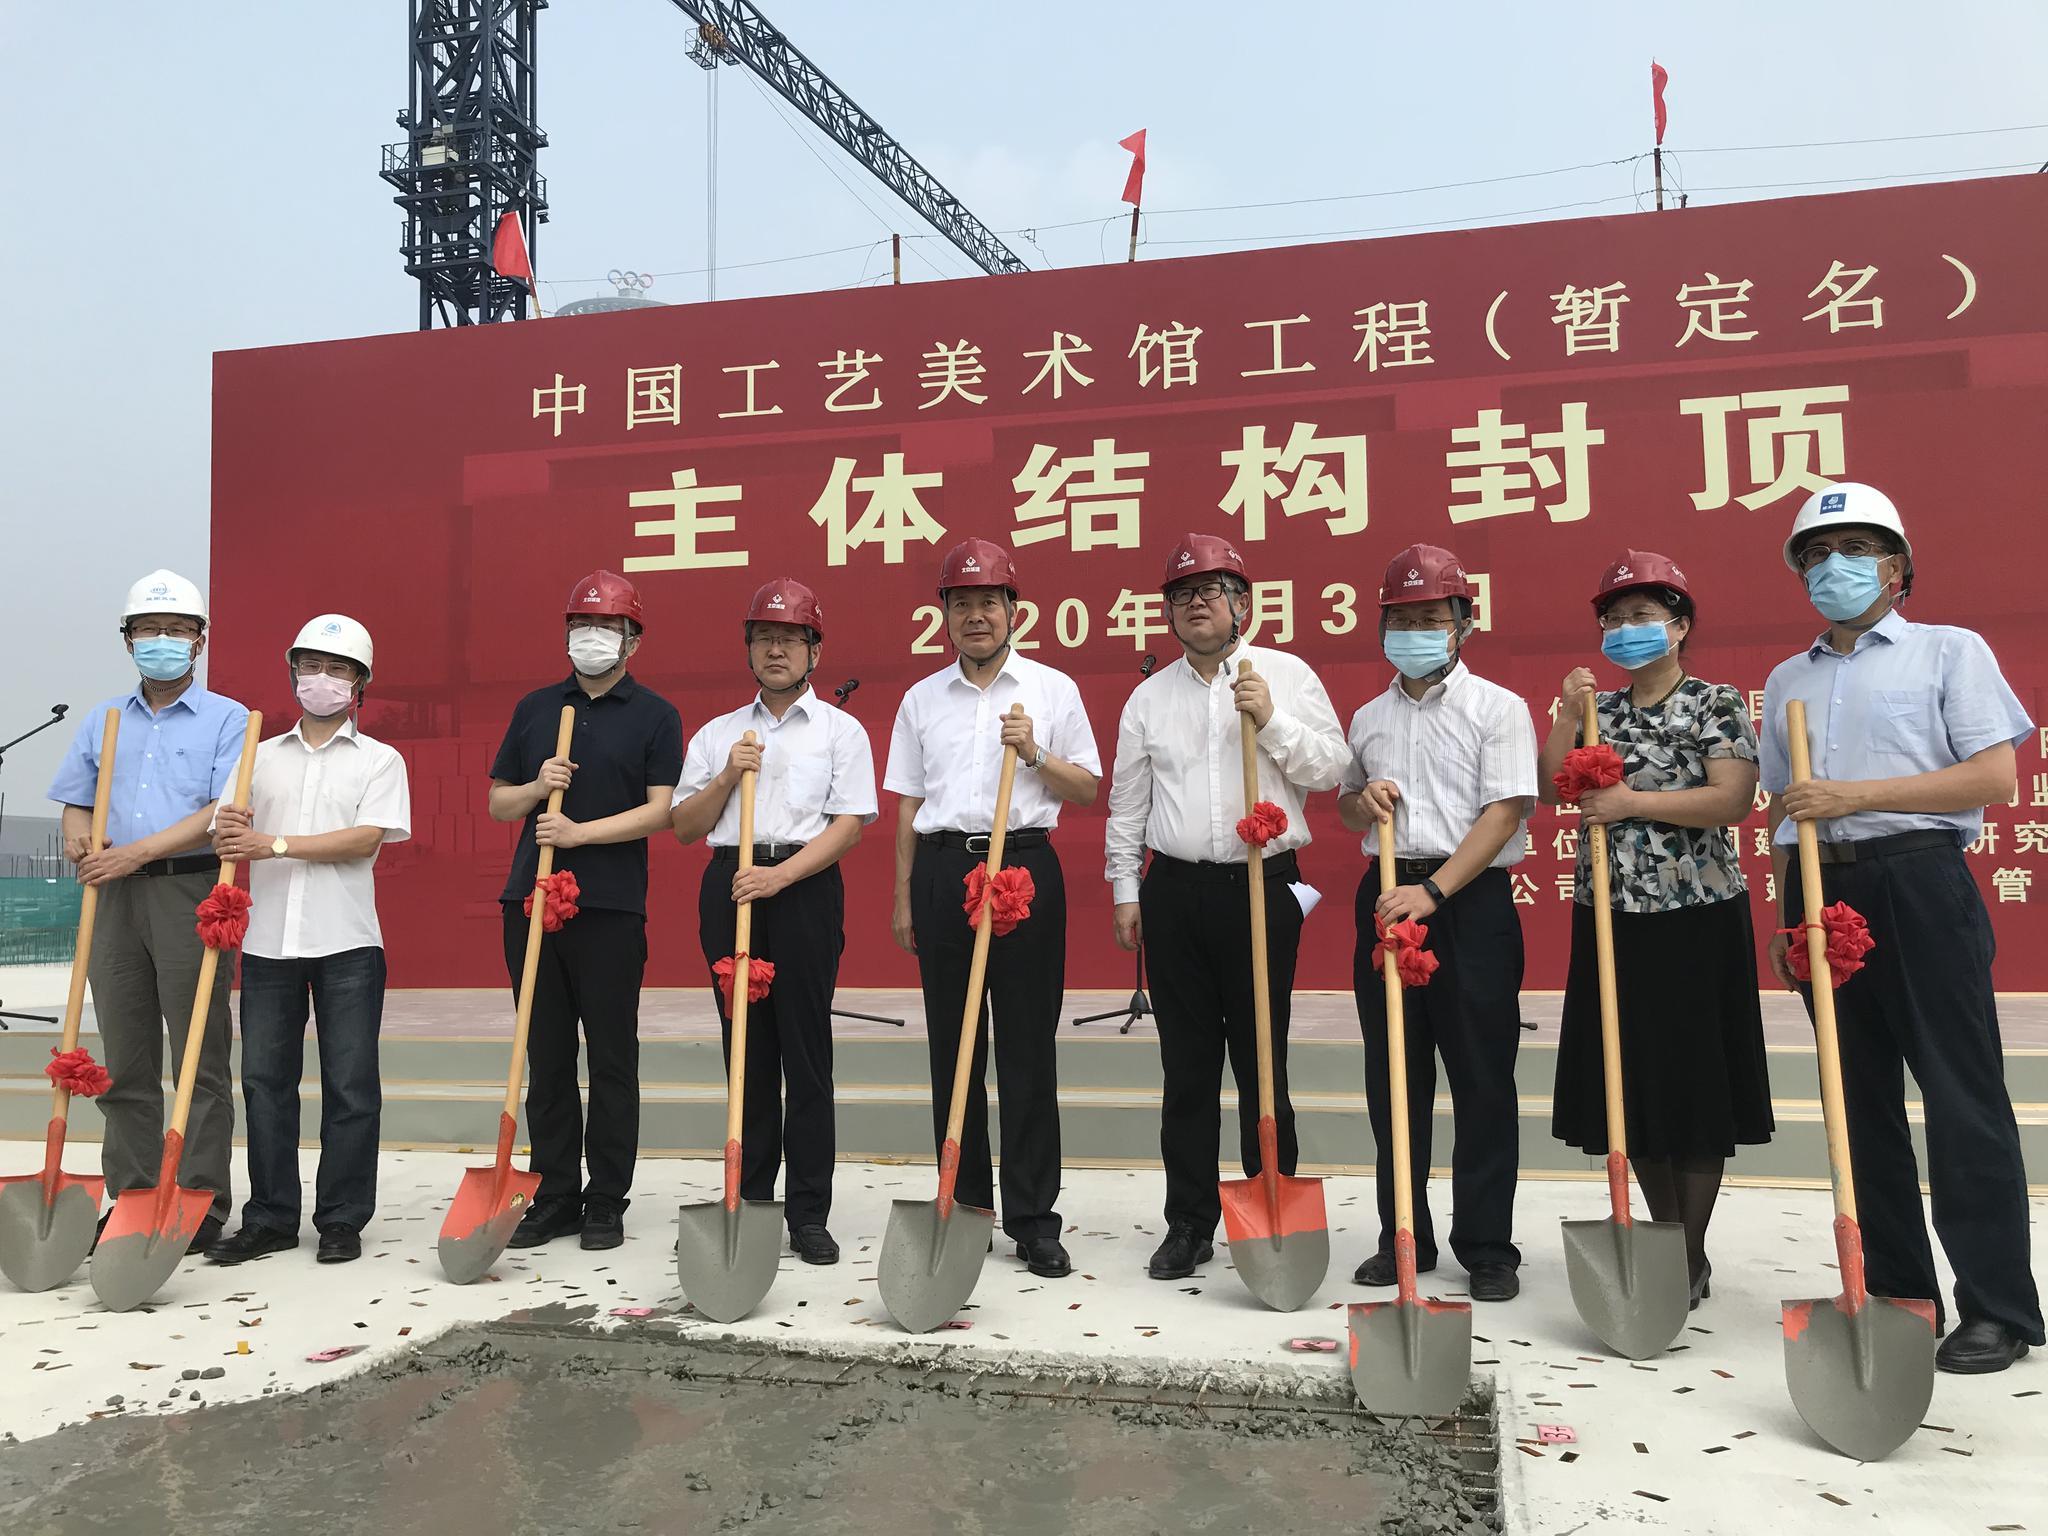 中国工艺美术馆工程(暂定名)主体结构封顶仪式在京举行